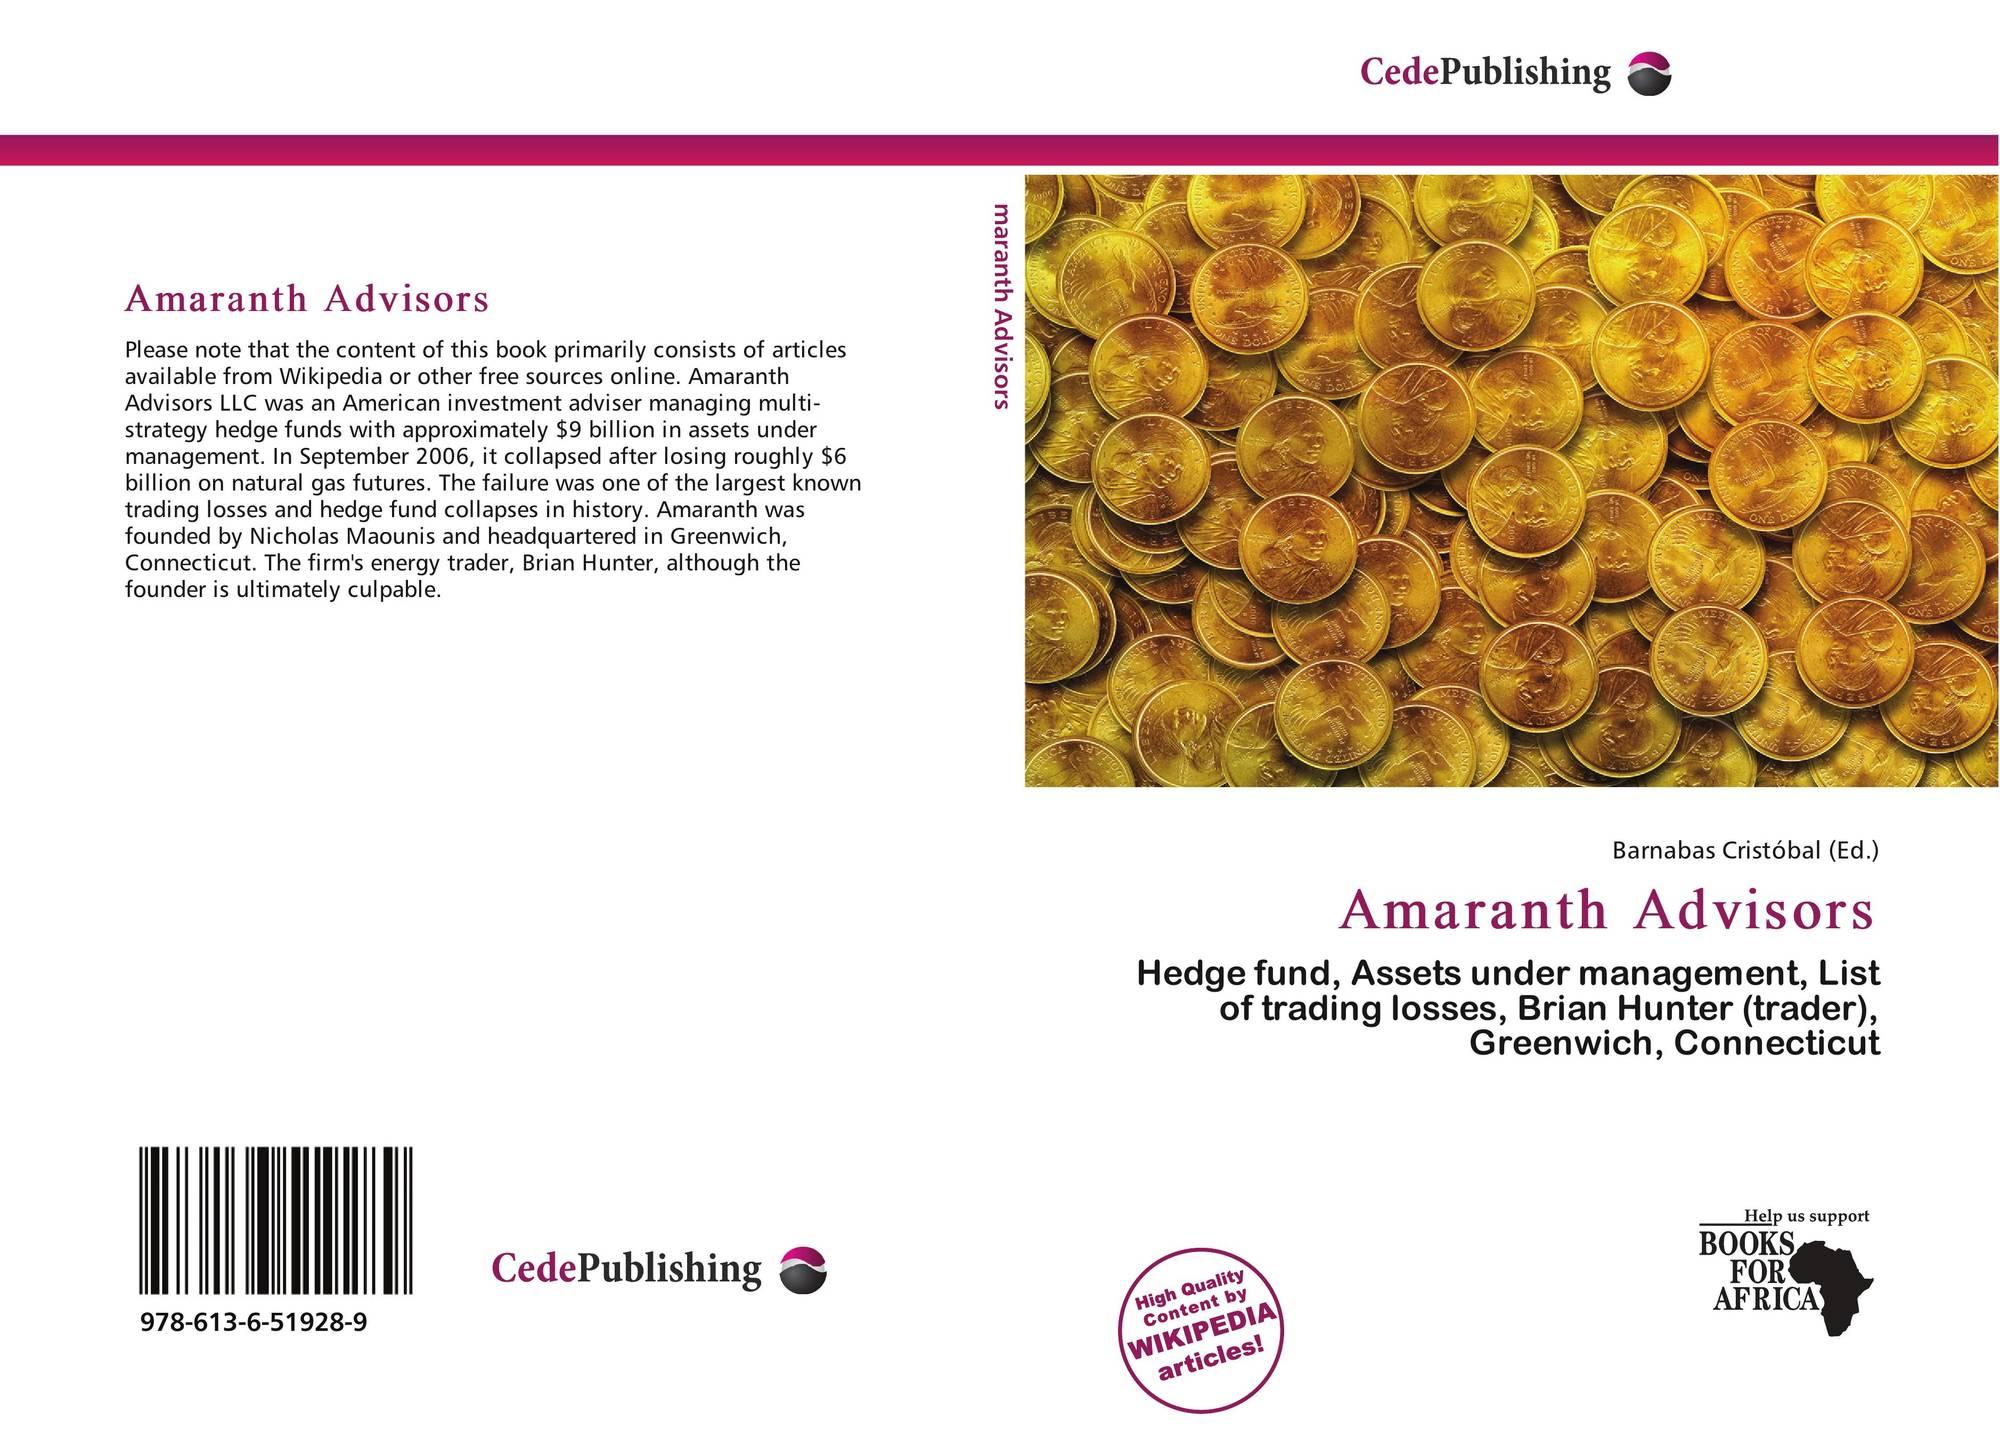 amaranth advisors prekybos strategija žemės ūkio pasaulinės prekybos sistemos politiką